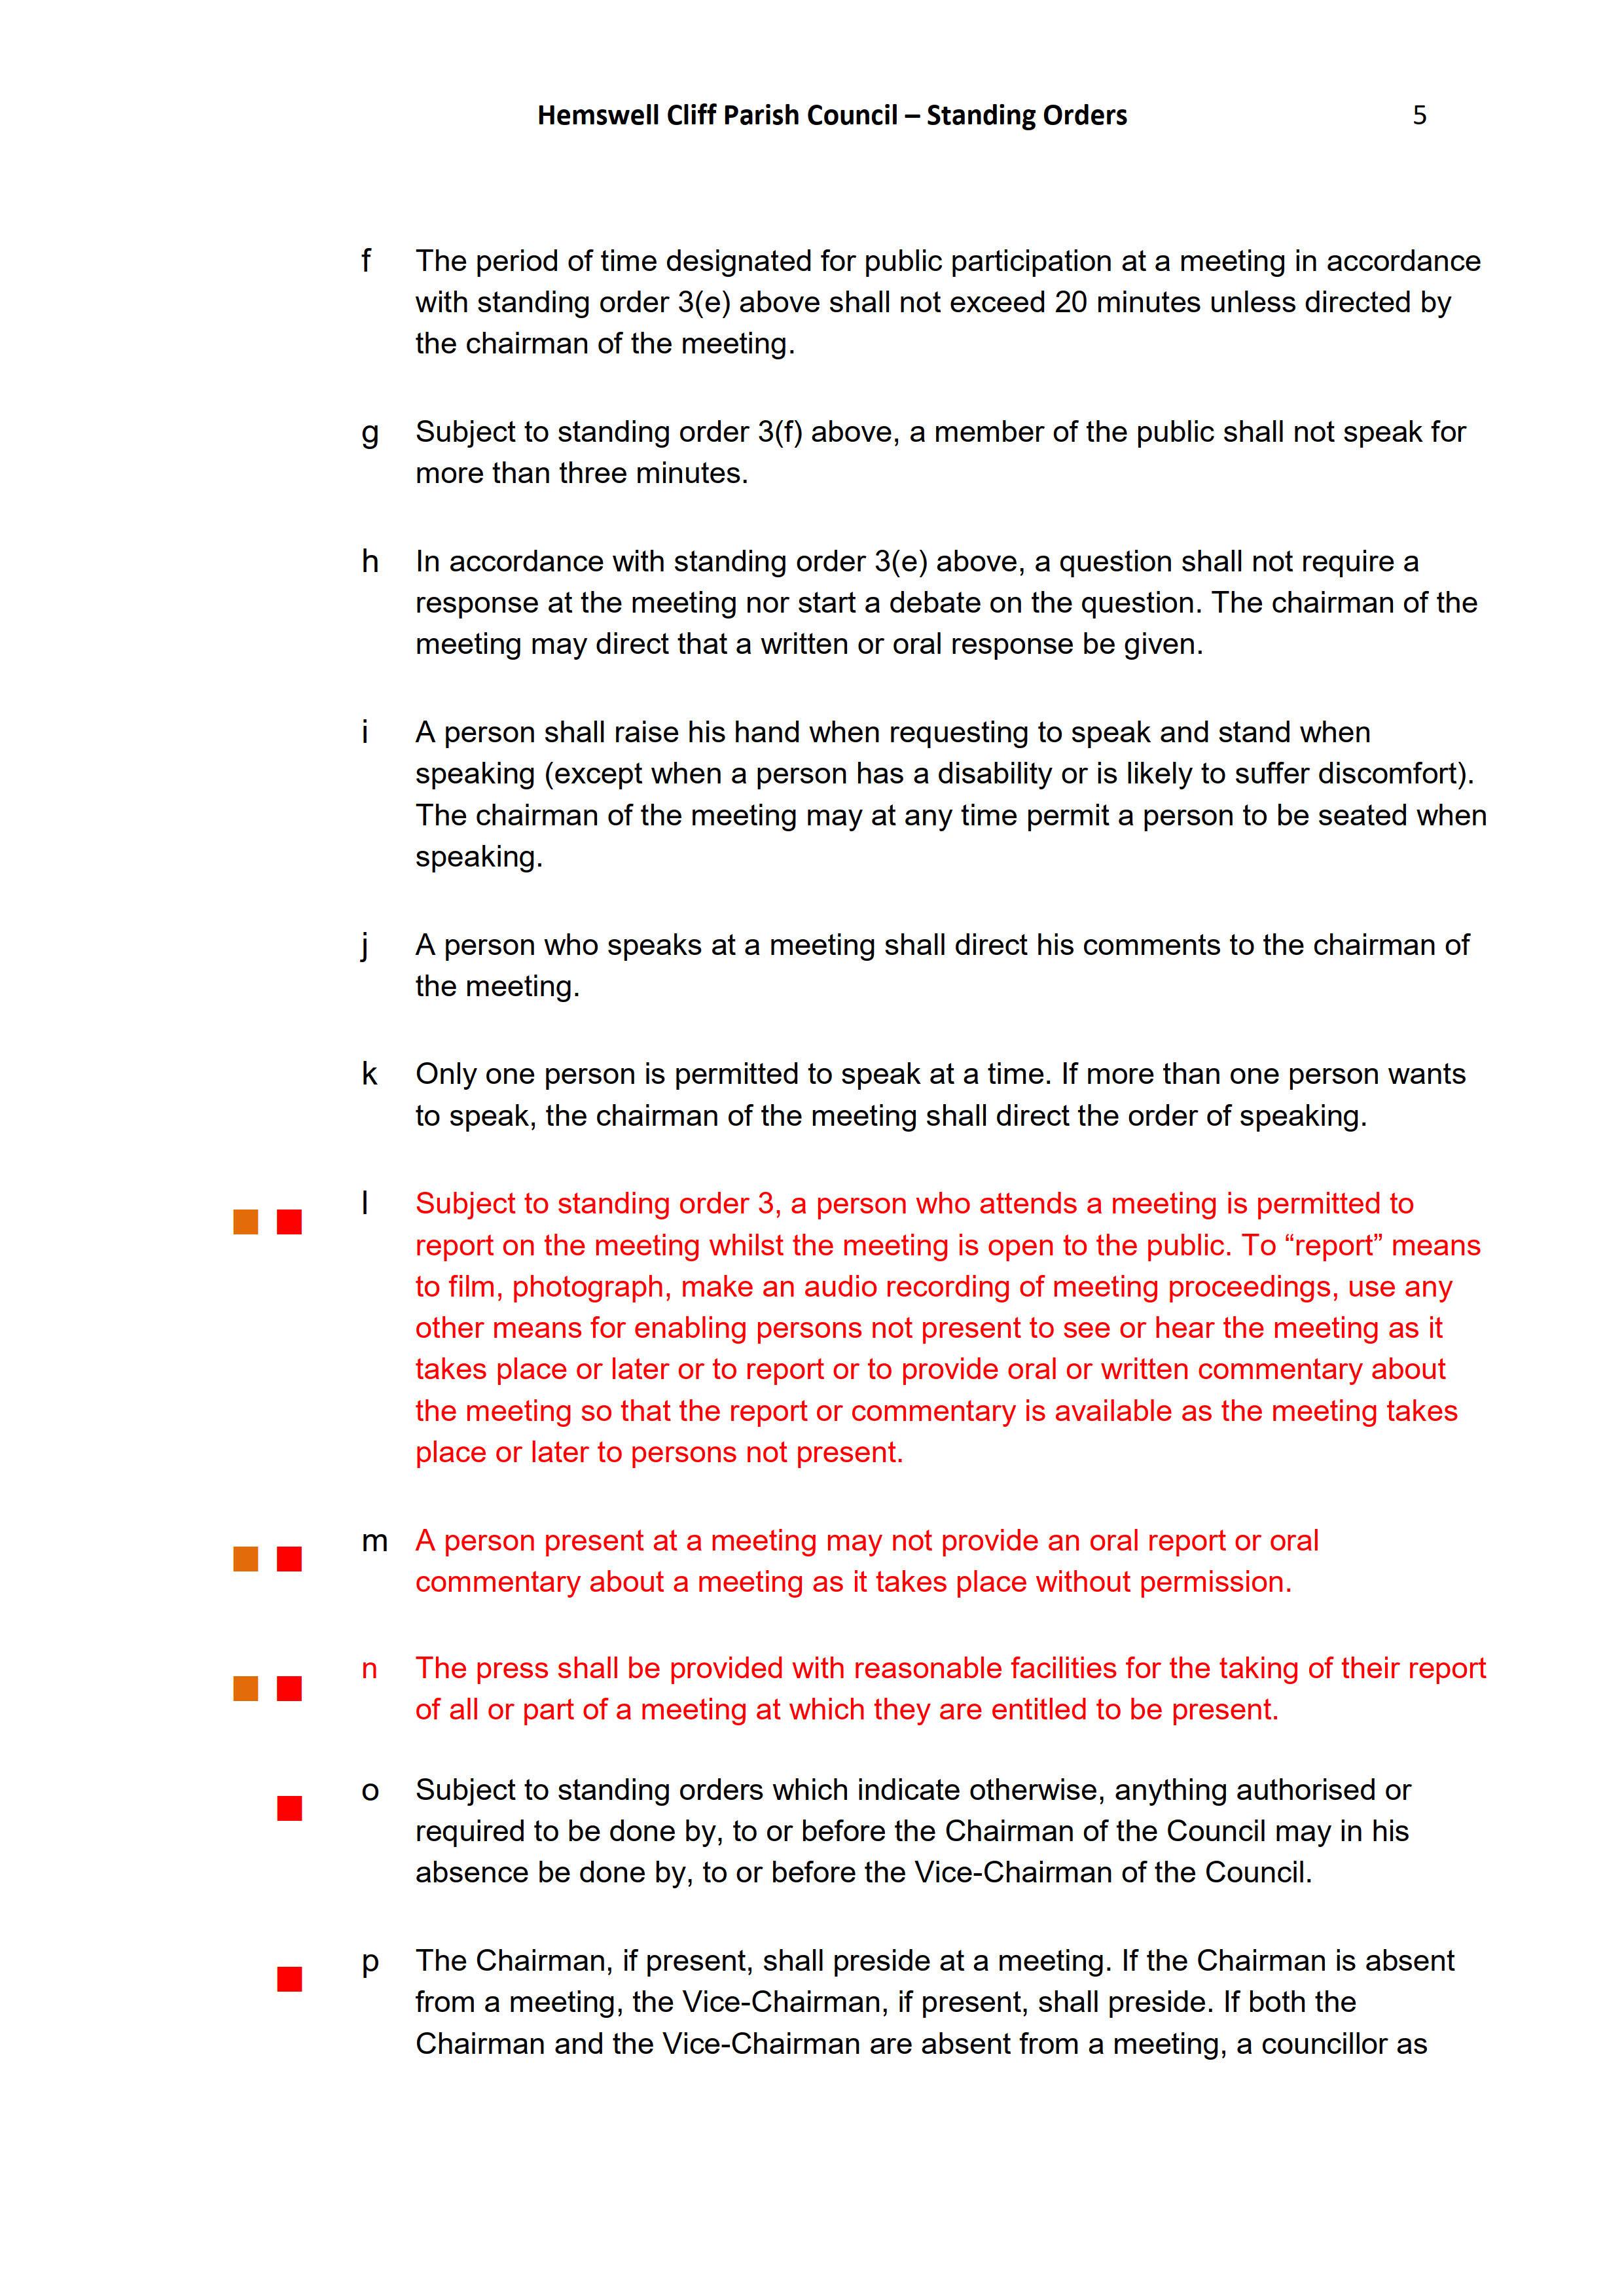 Item_14_2021HCPC.Standing_Orders_05.jpg